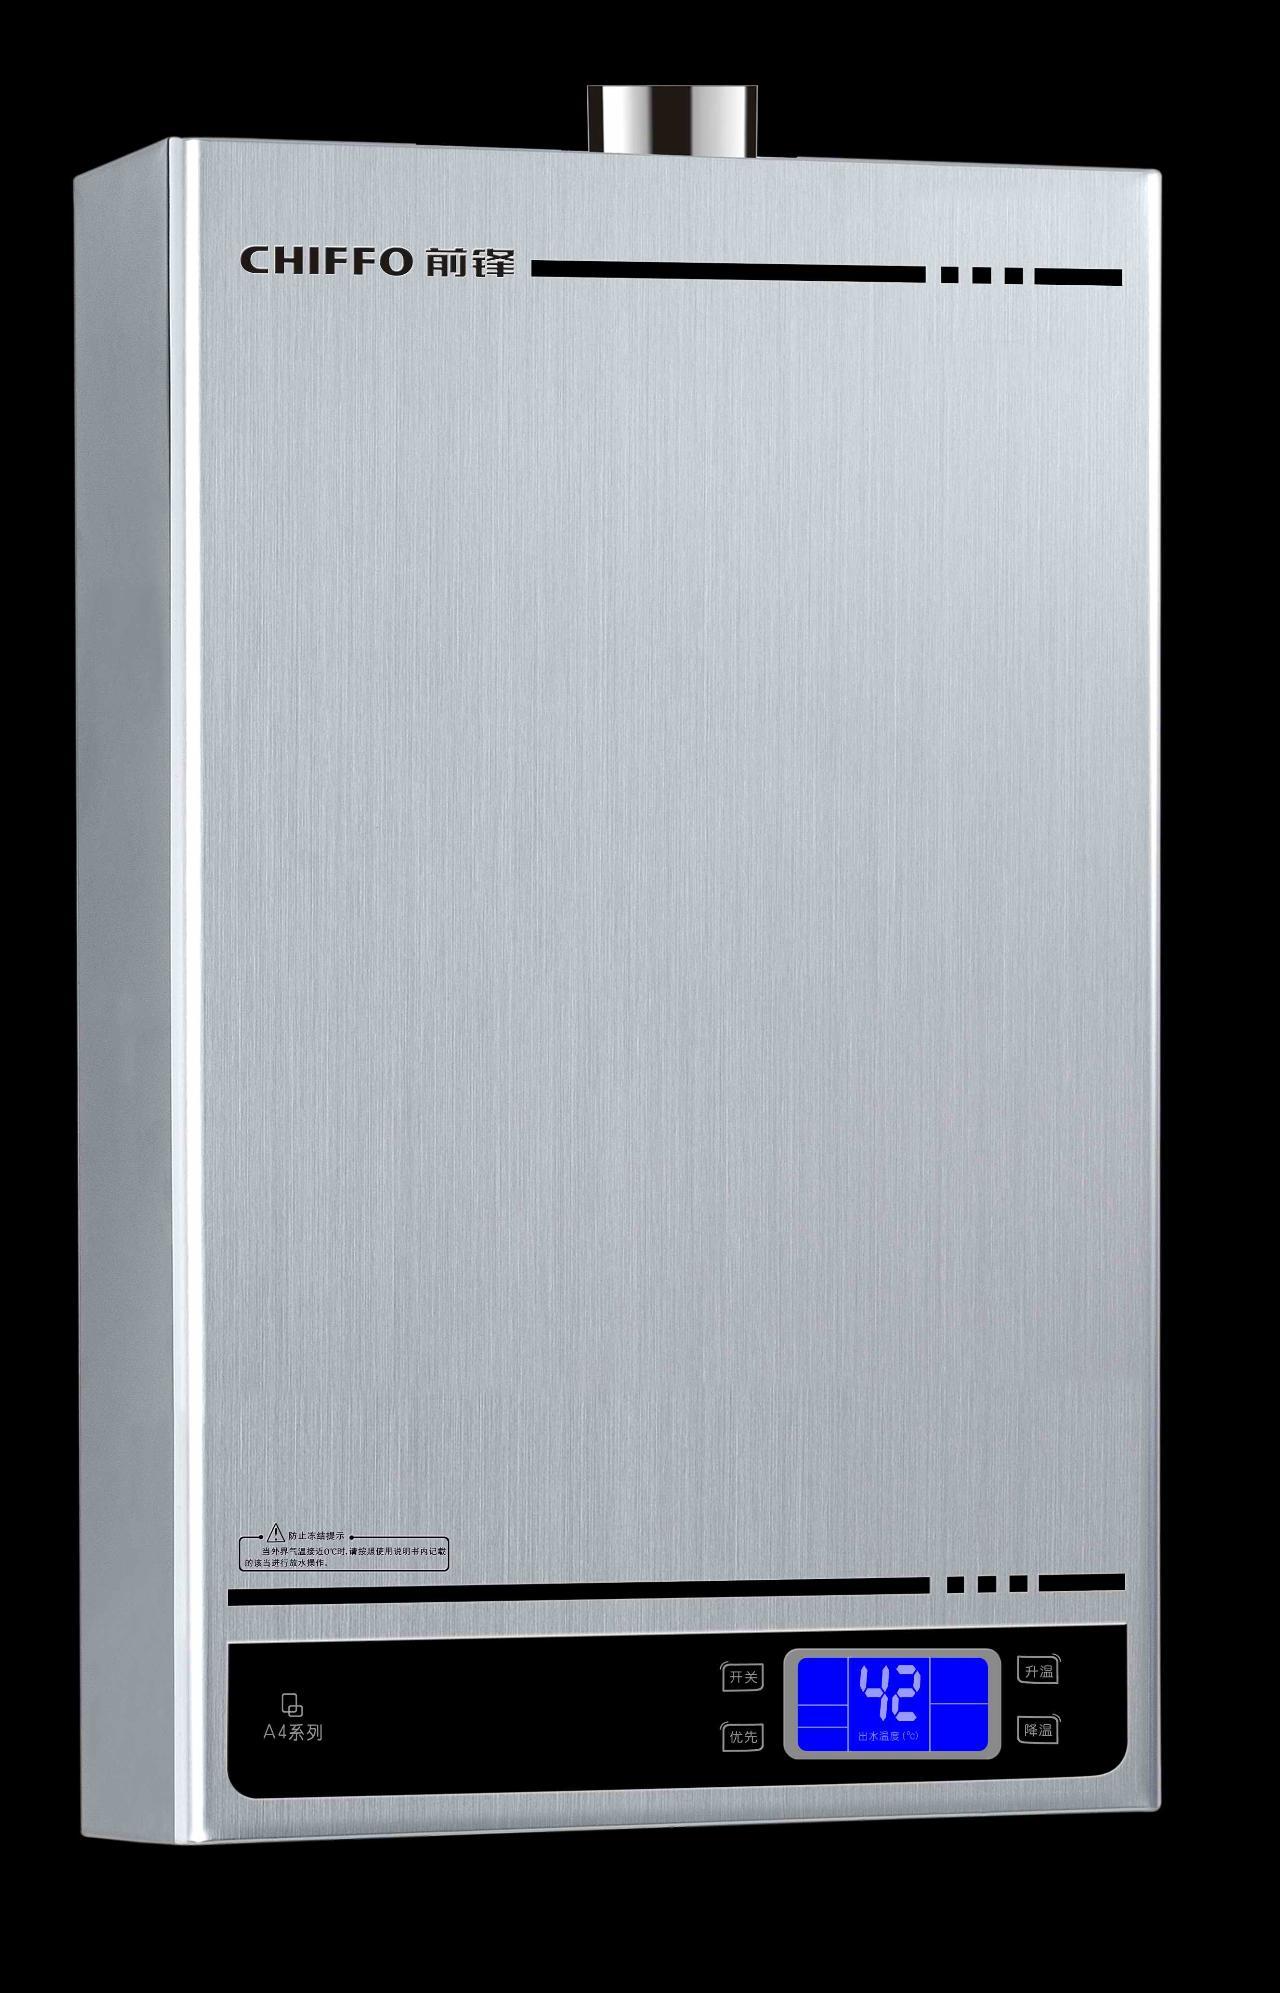 前锋jsq16/20-a402燃气热水器